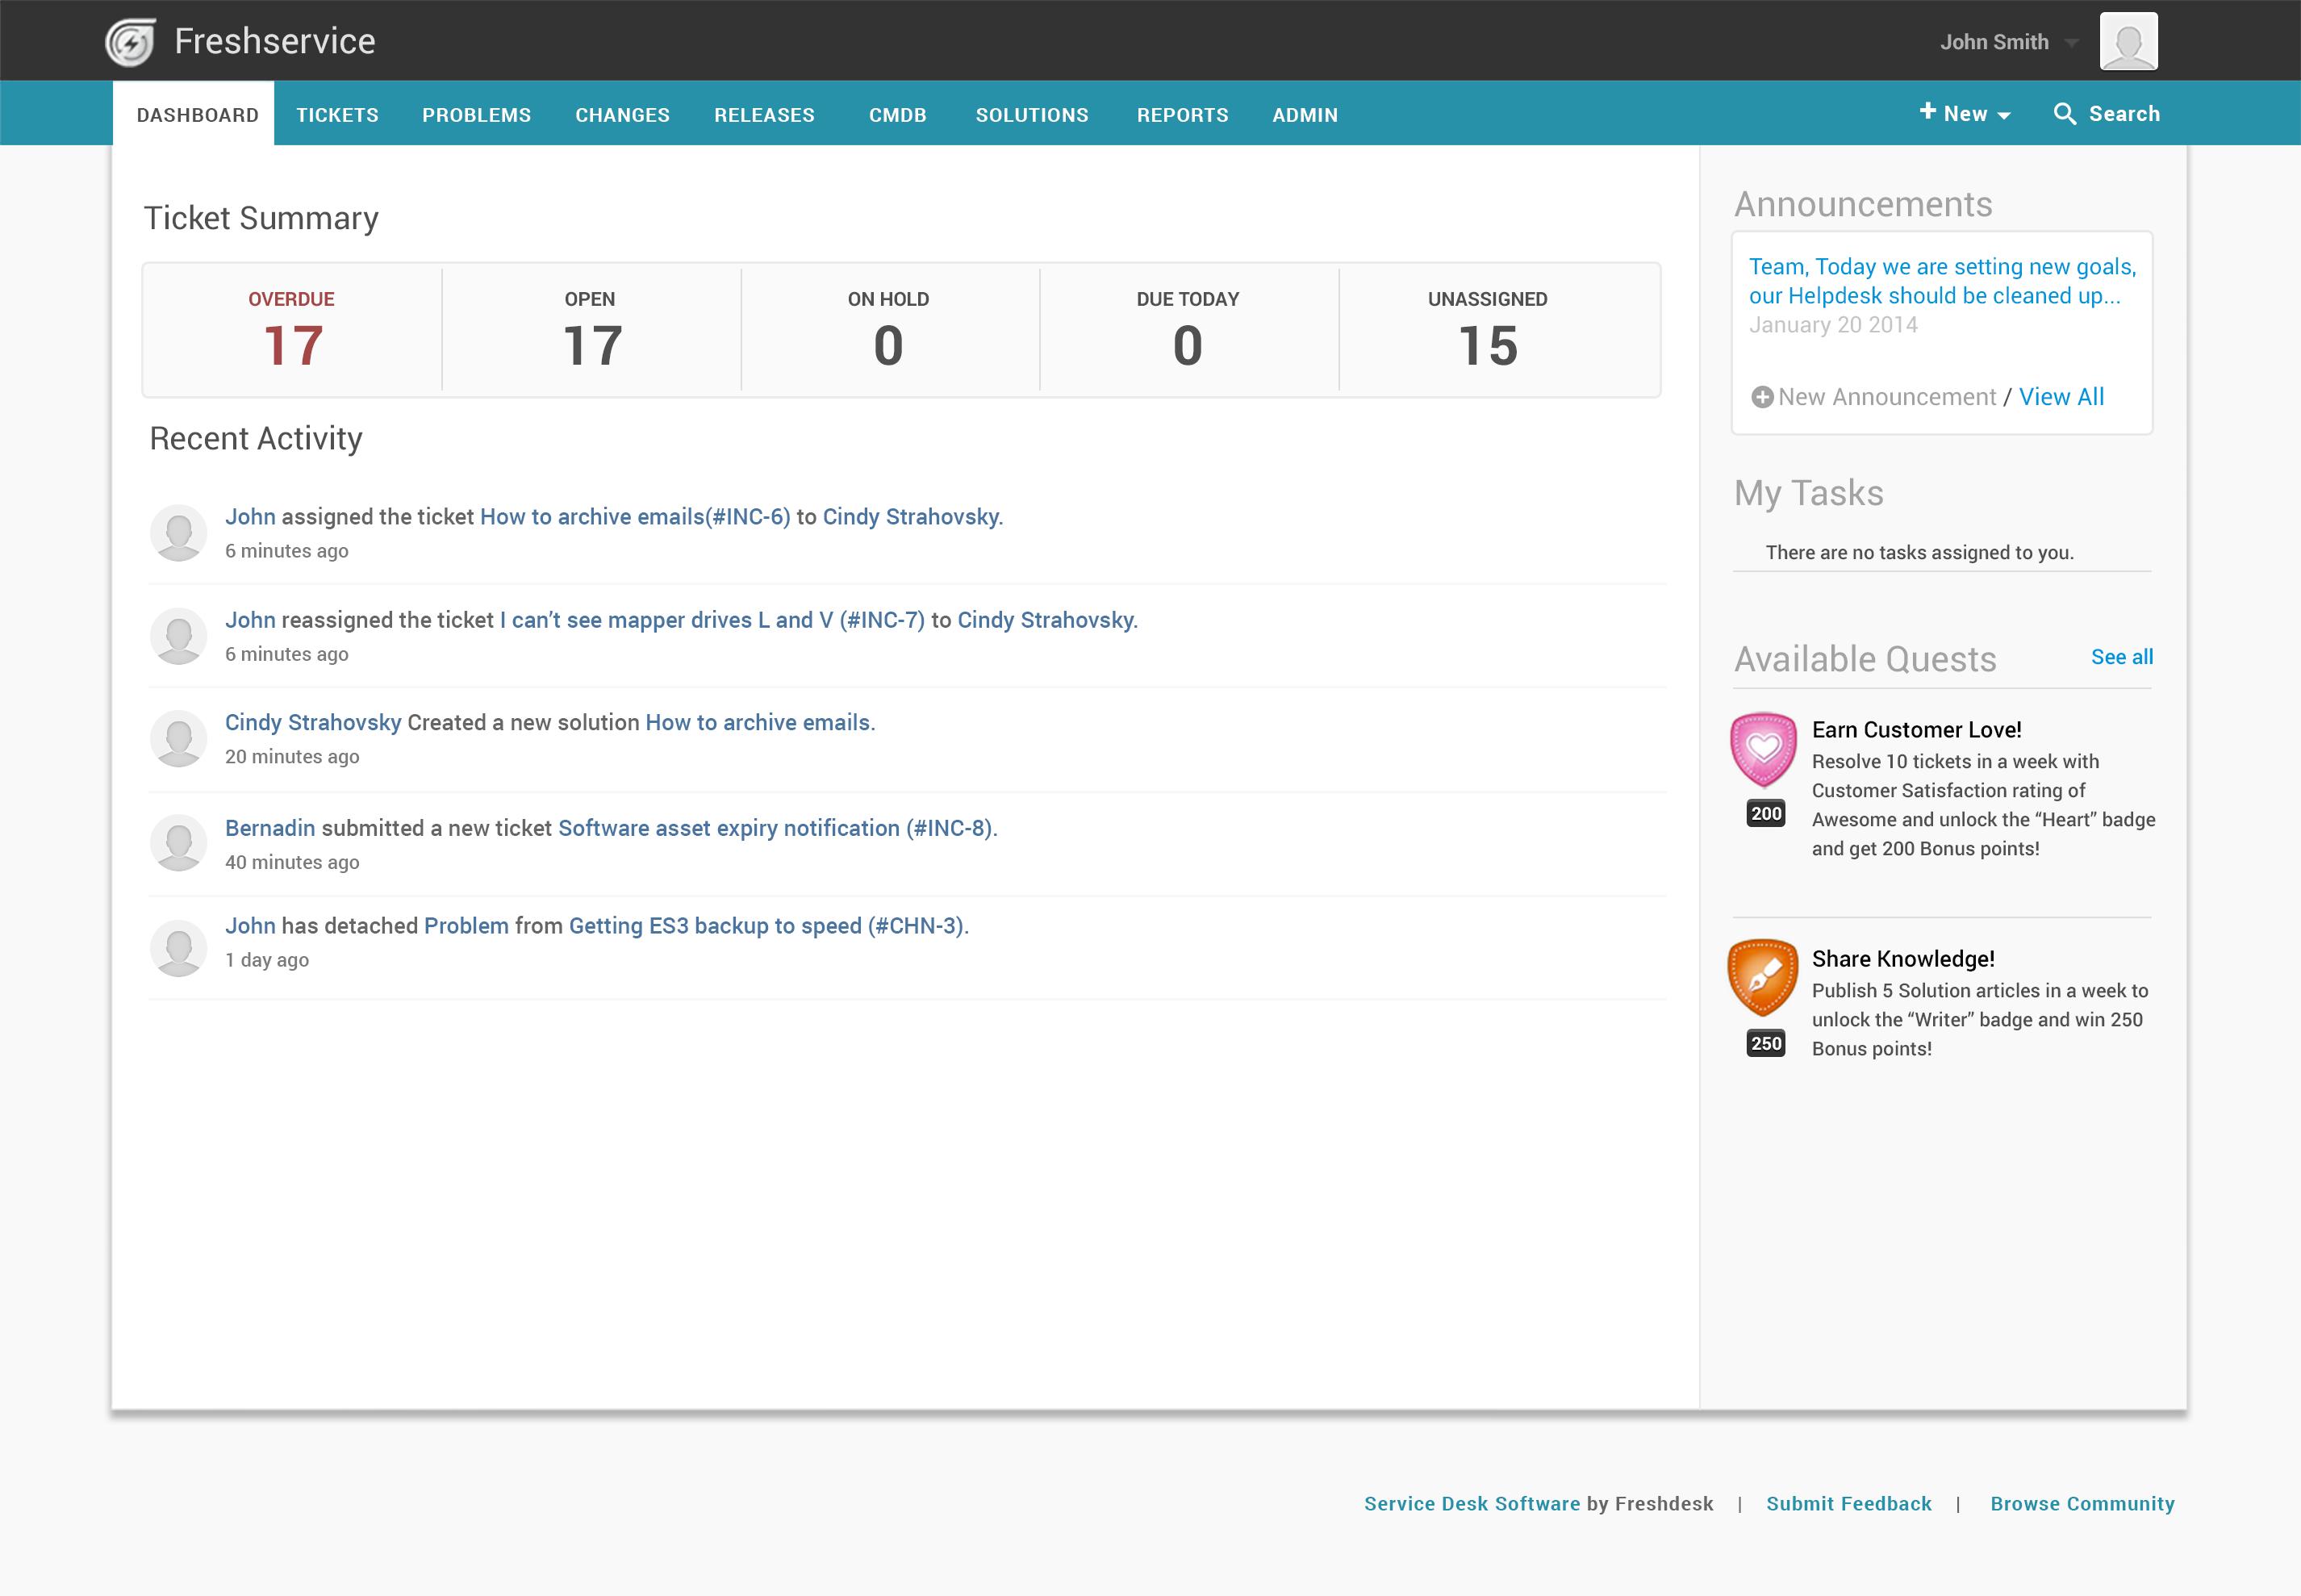 Freshservice Software - Freshservice IT helpdesk dashboard